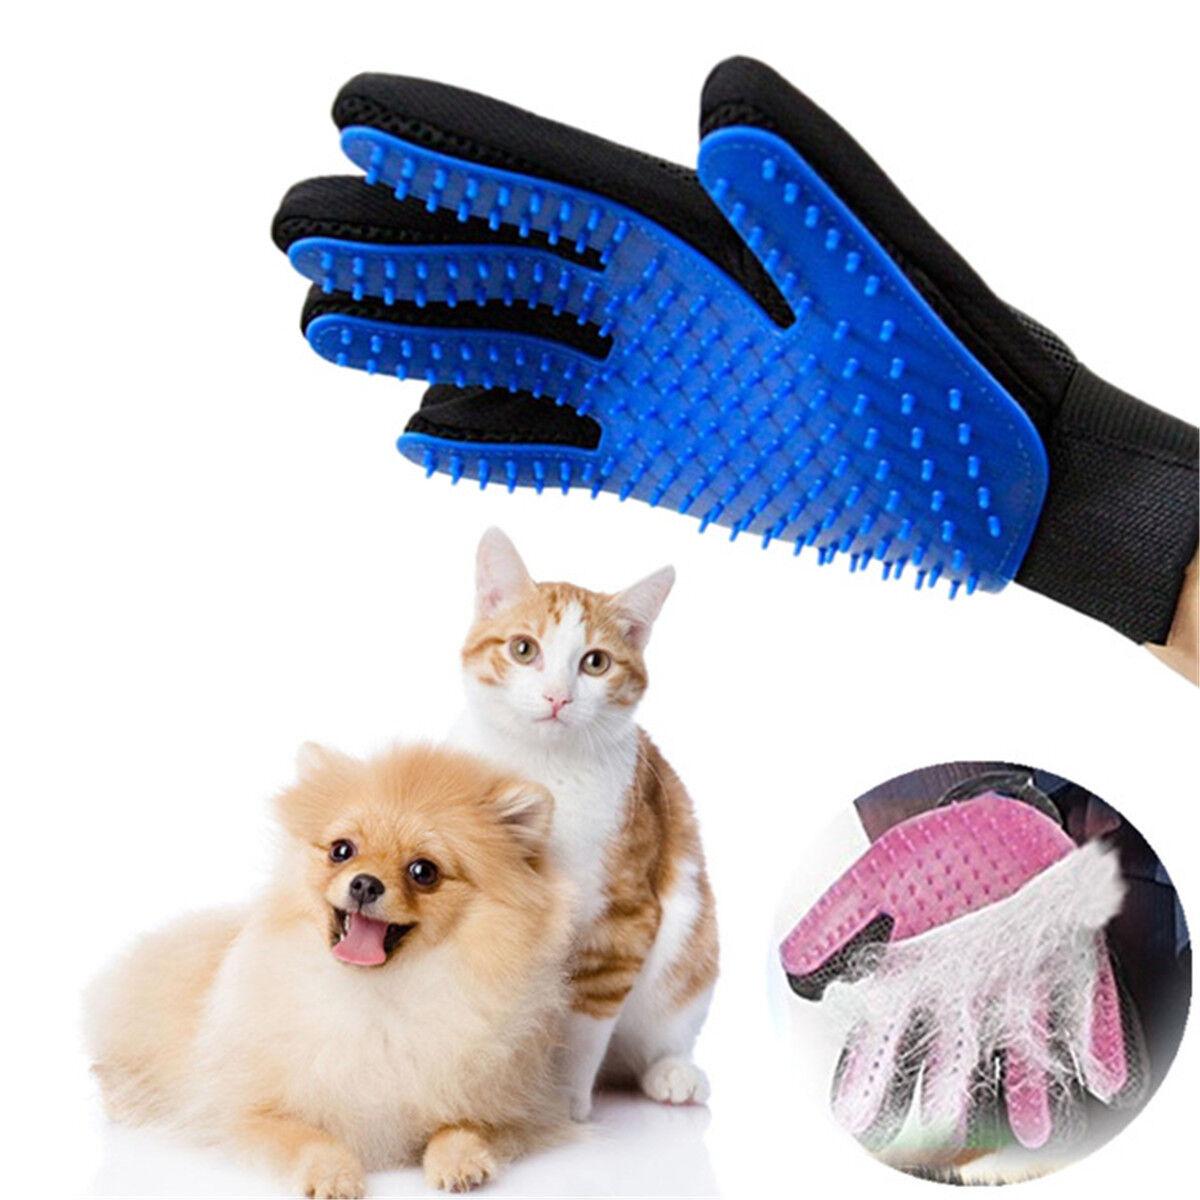 Pflege Handschuh Fell Tierhaar Hunde Katzen Bürste Fellpflegehandschuh Massage R